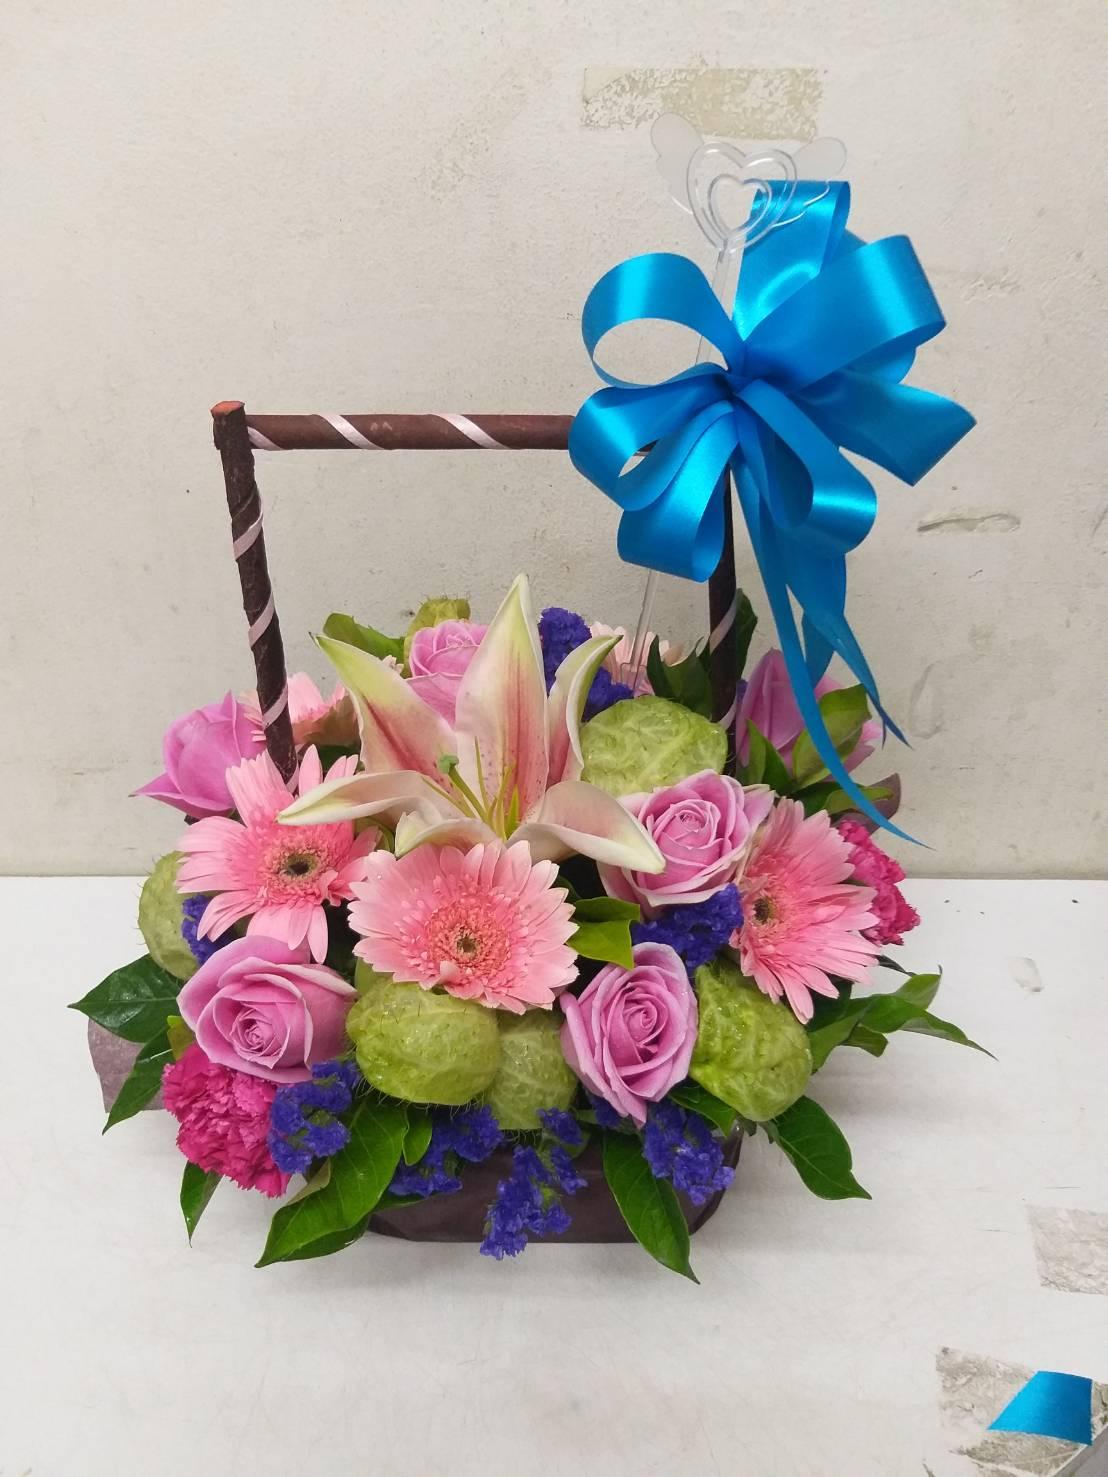 ดอกไม้สดโทนสีชมพู-ม่วงหลากชนิดถูกจัดตกแต่งไว้ในกระเช้าอย่างสวยงาม